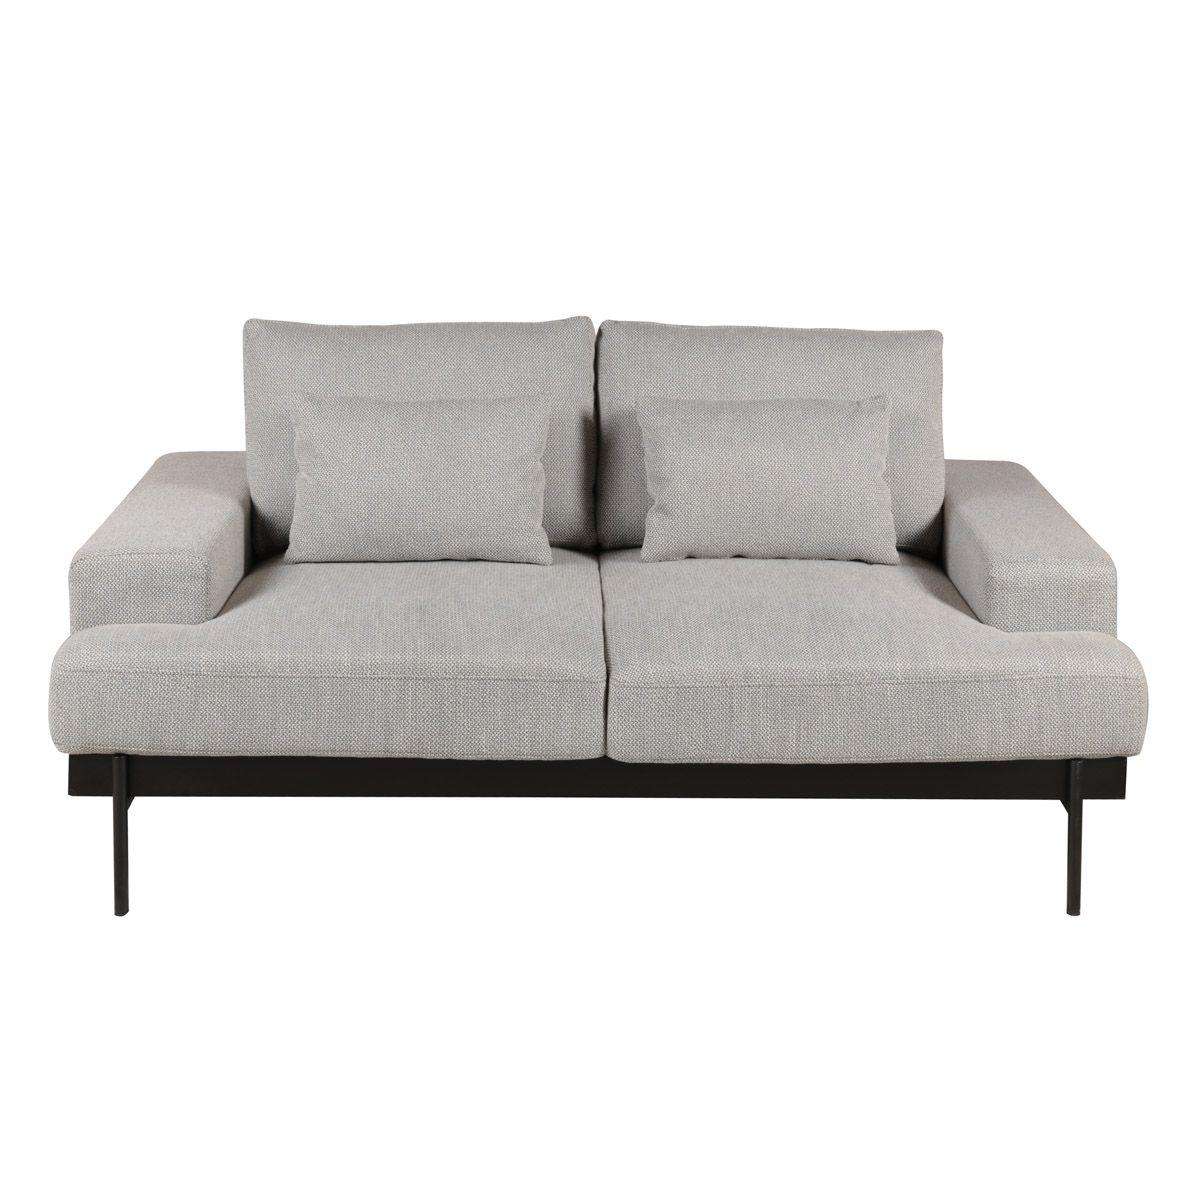 Canapé 2 places tissu gris et pieds métal noir mat